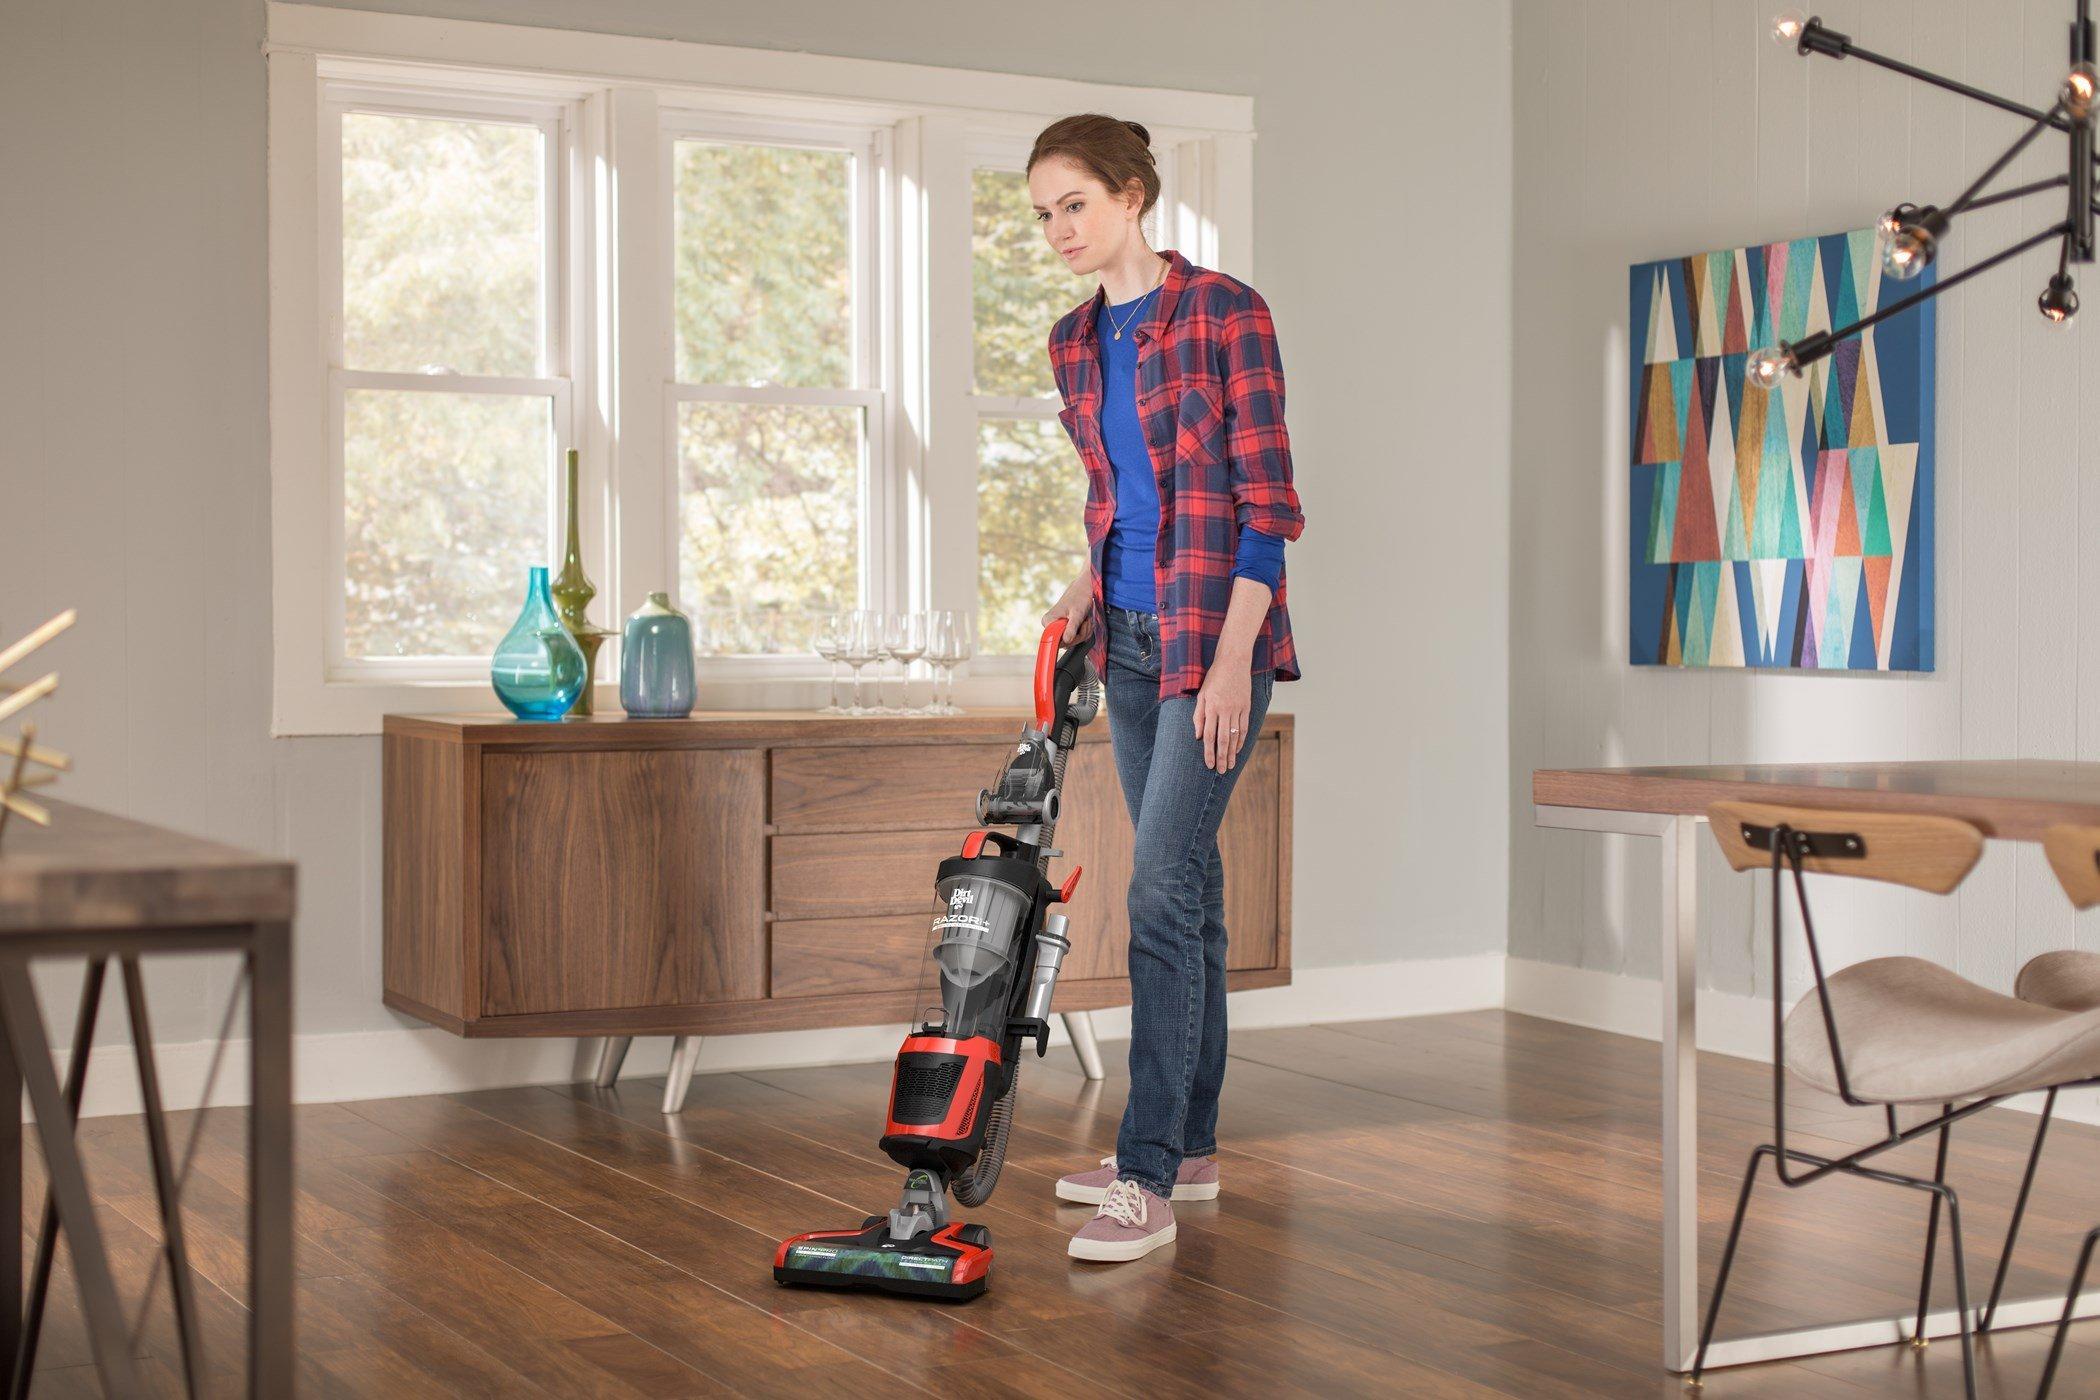 Razor Upright Vacuum5